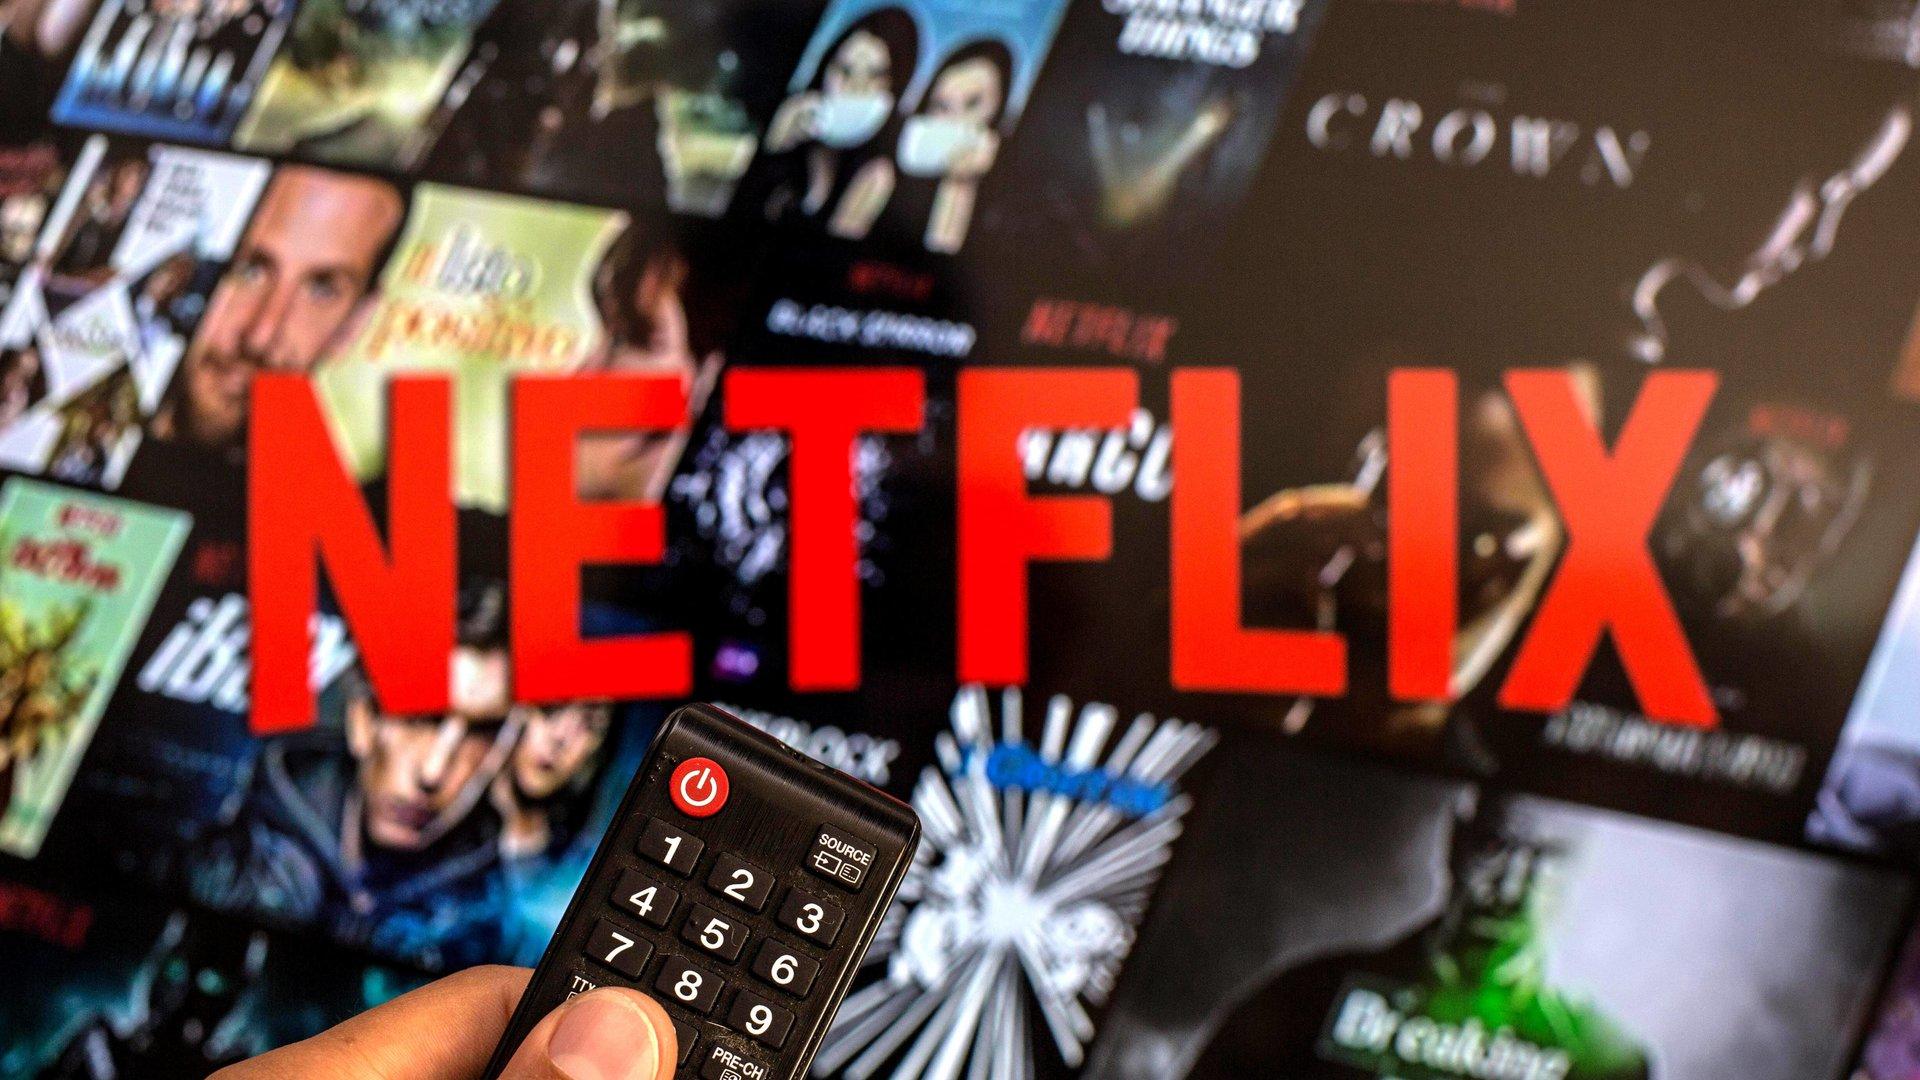 Netflix Kosten 20 Die aktuellen Abo Preise und Angebote · KINO.de